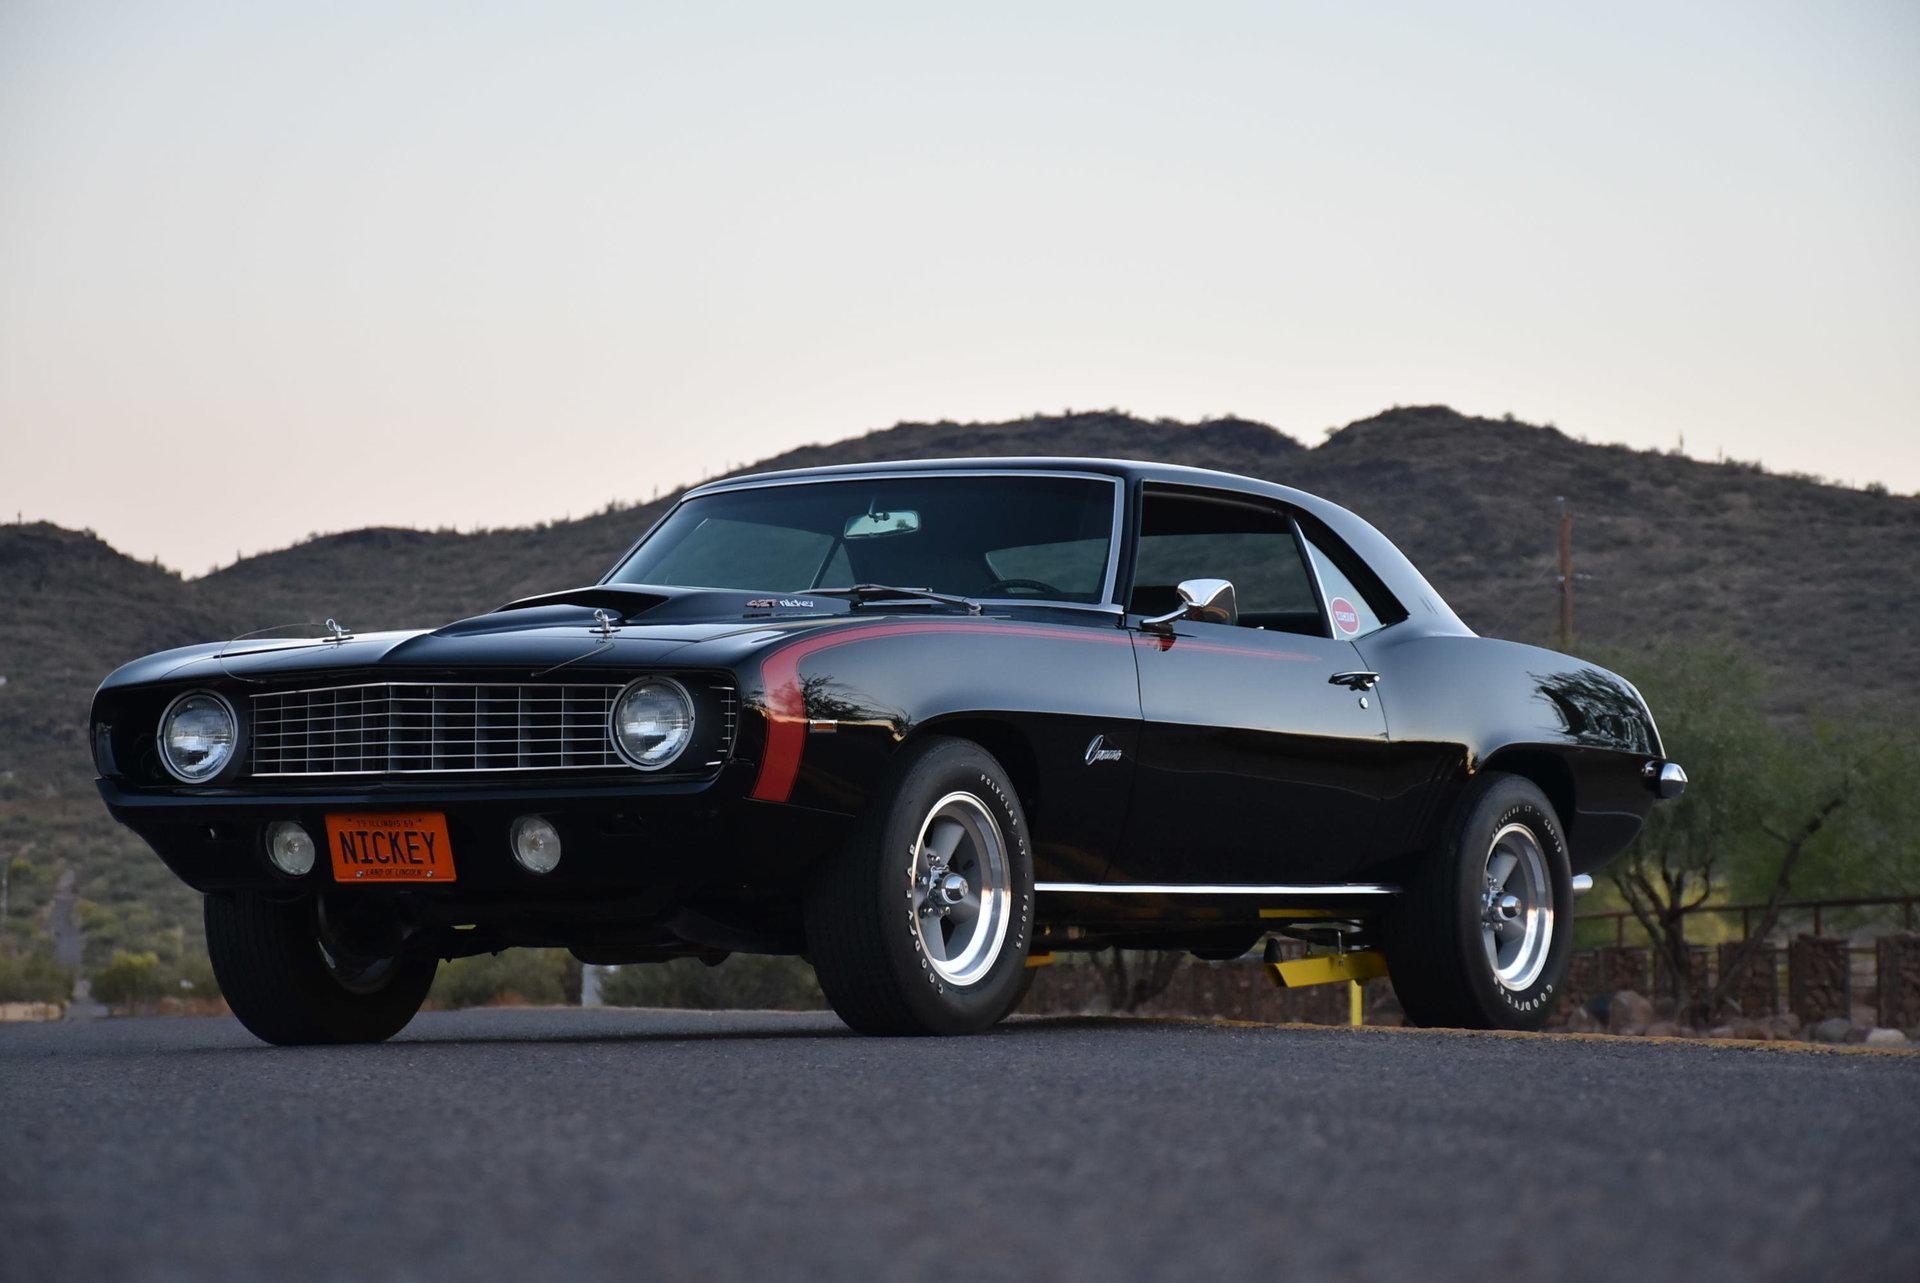 16220cc028f8 hd 1969 chevrolet camaro nickey 427 supercar